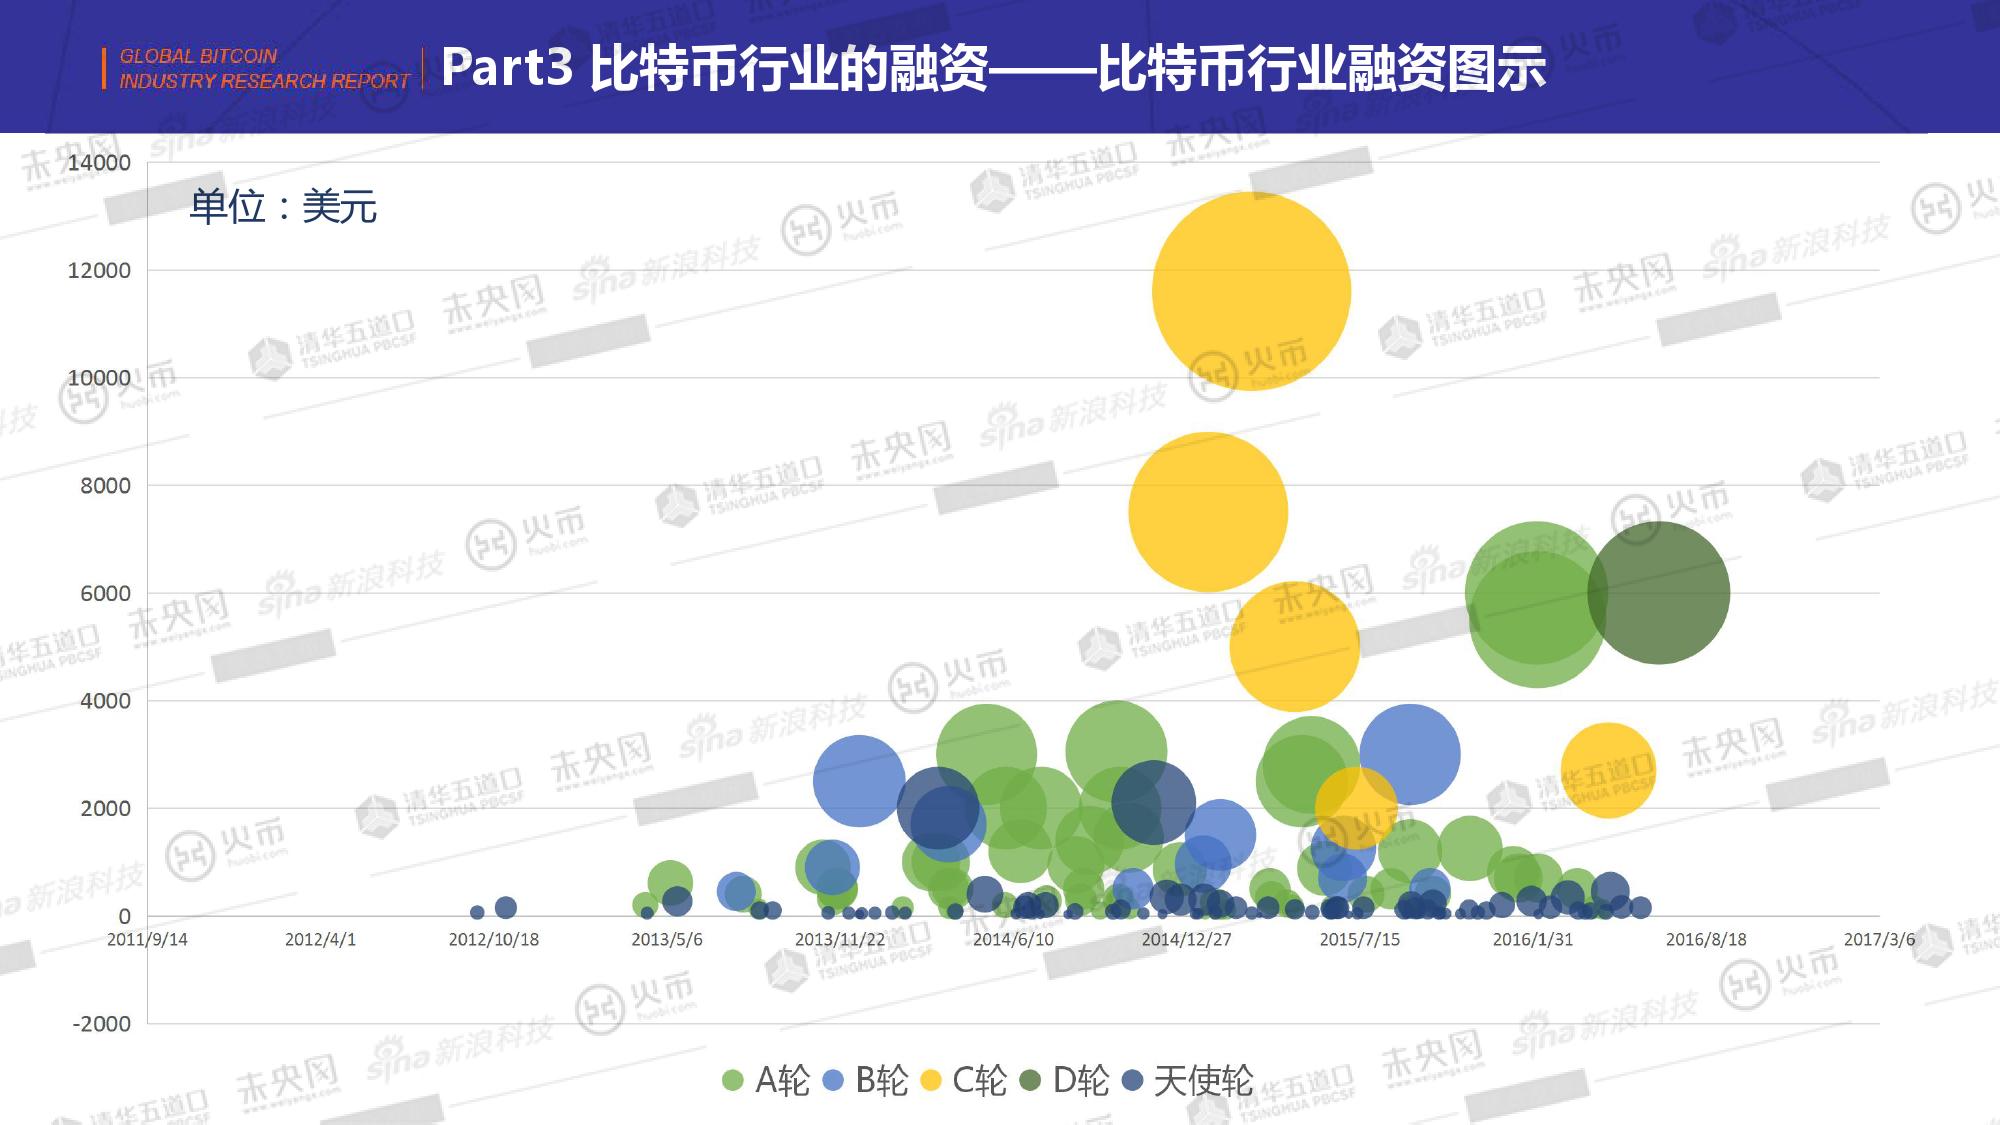 2014-2016全球比特币研究报告_000031